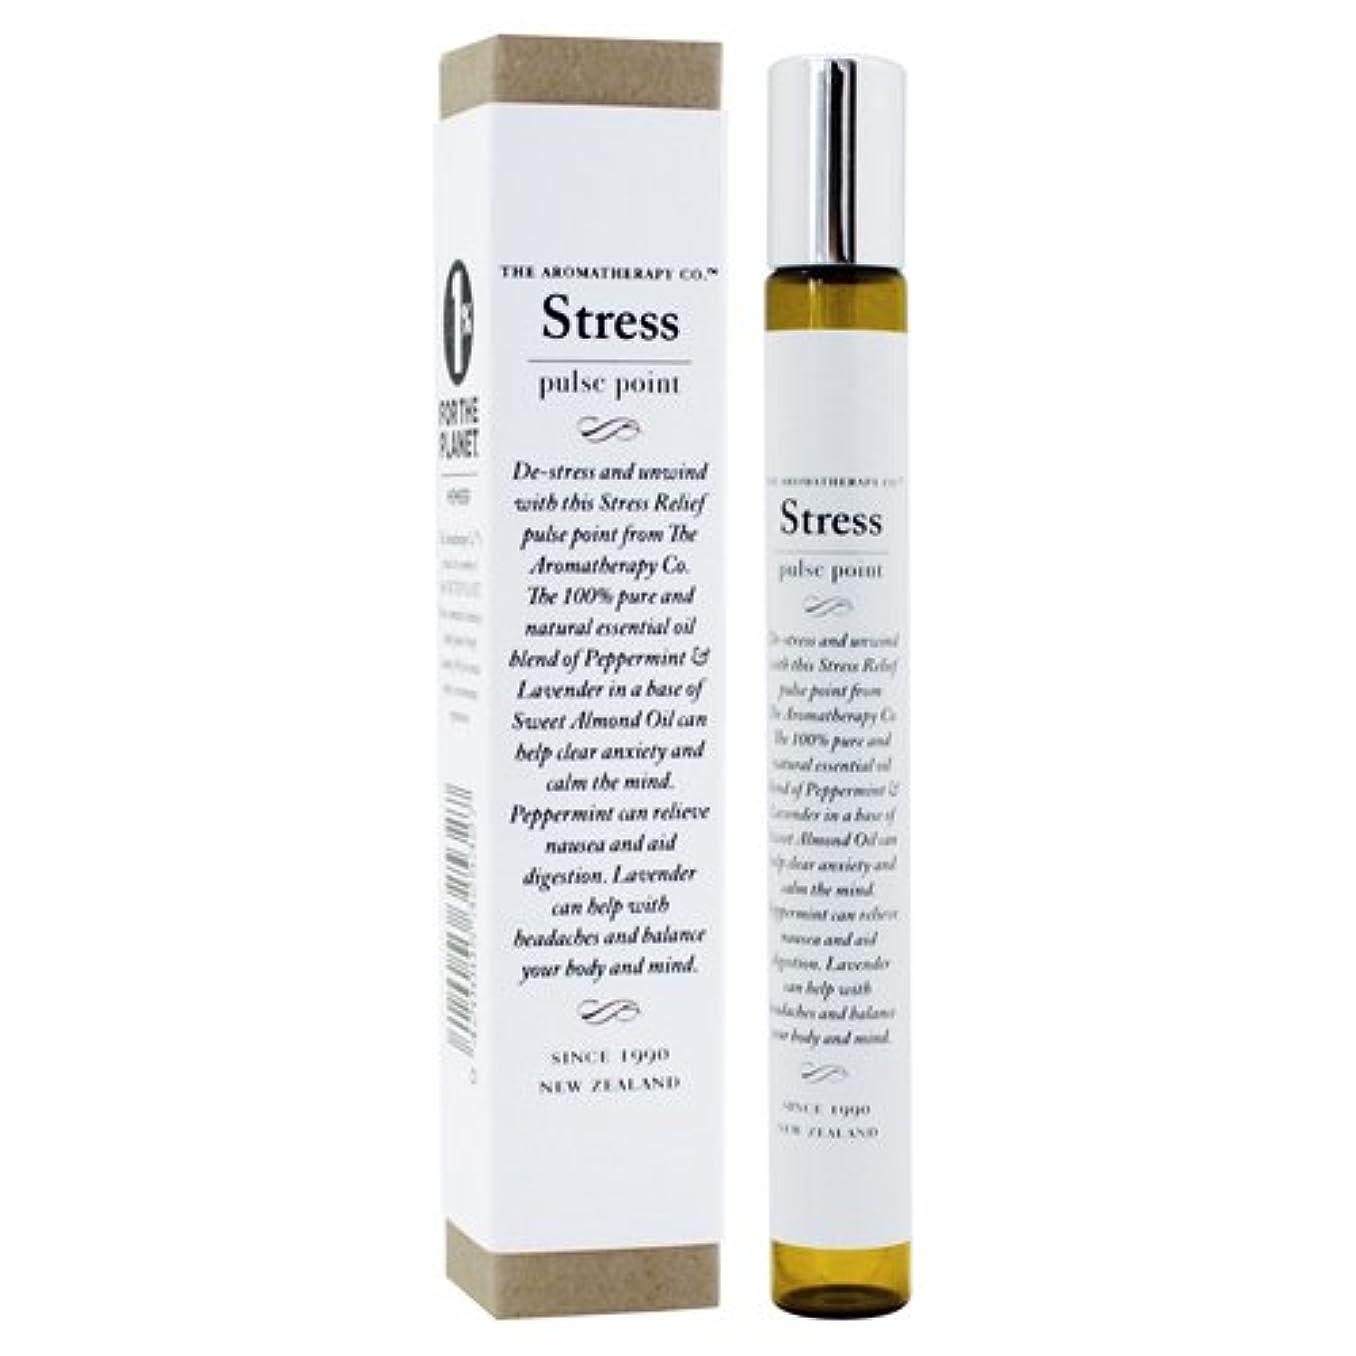 待って消毒剤想像するTherapy Range セラピーレンジ Pulse Pointパルスポイント Stressストレス